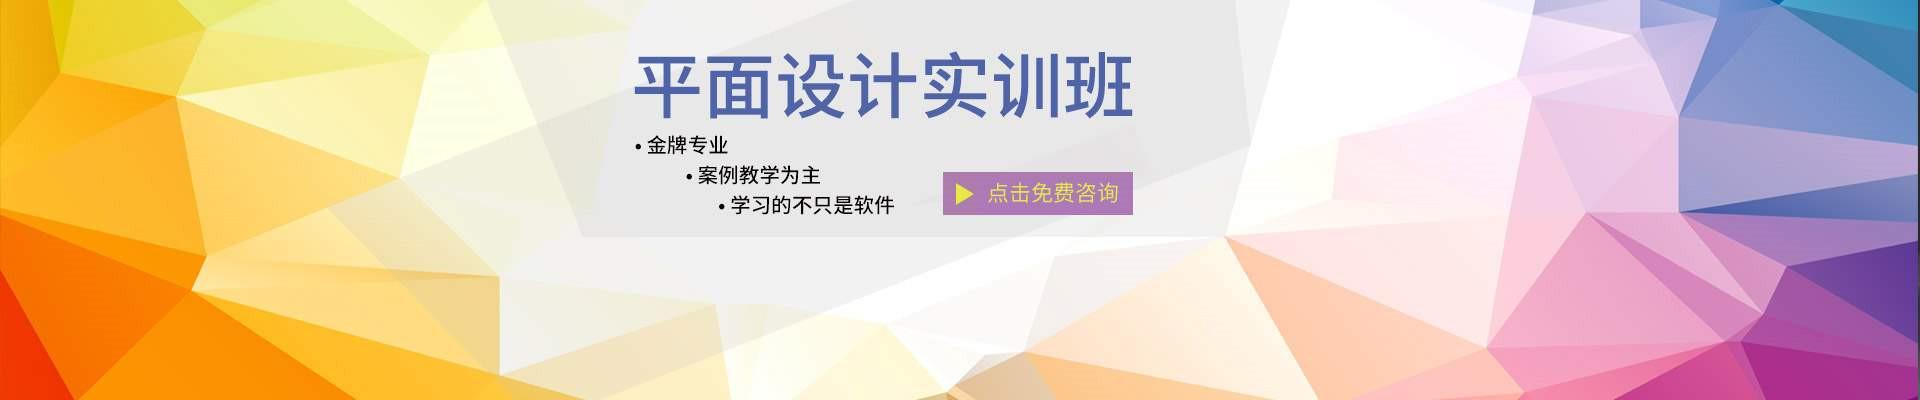 南京丝路教育培训中心